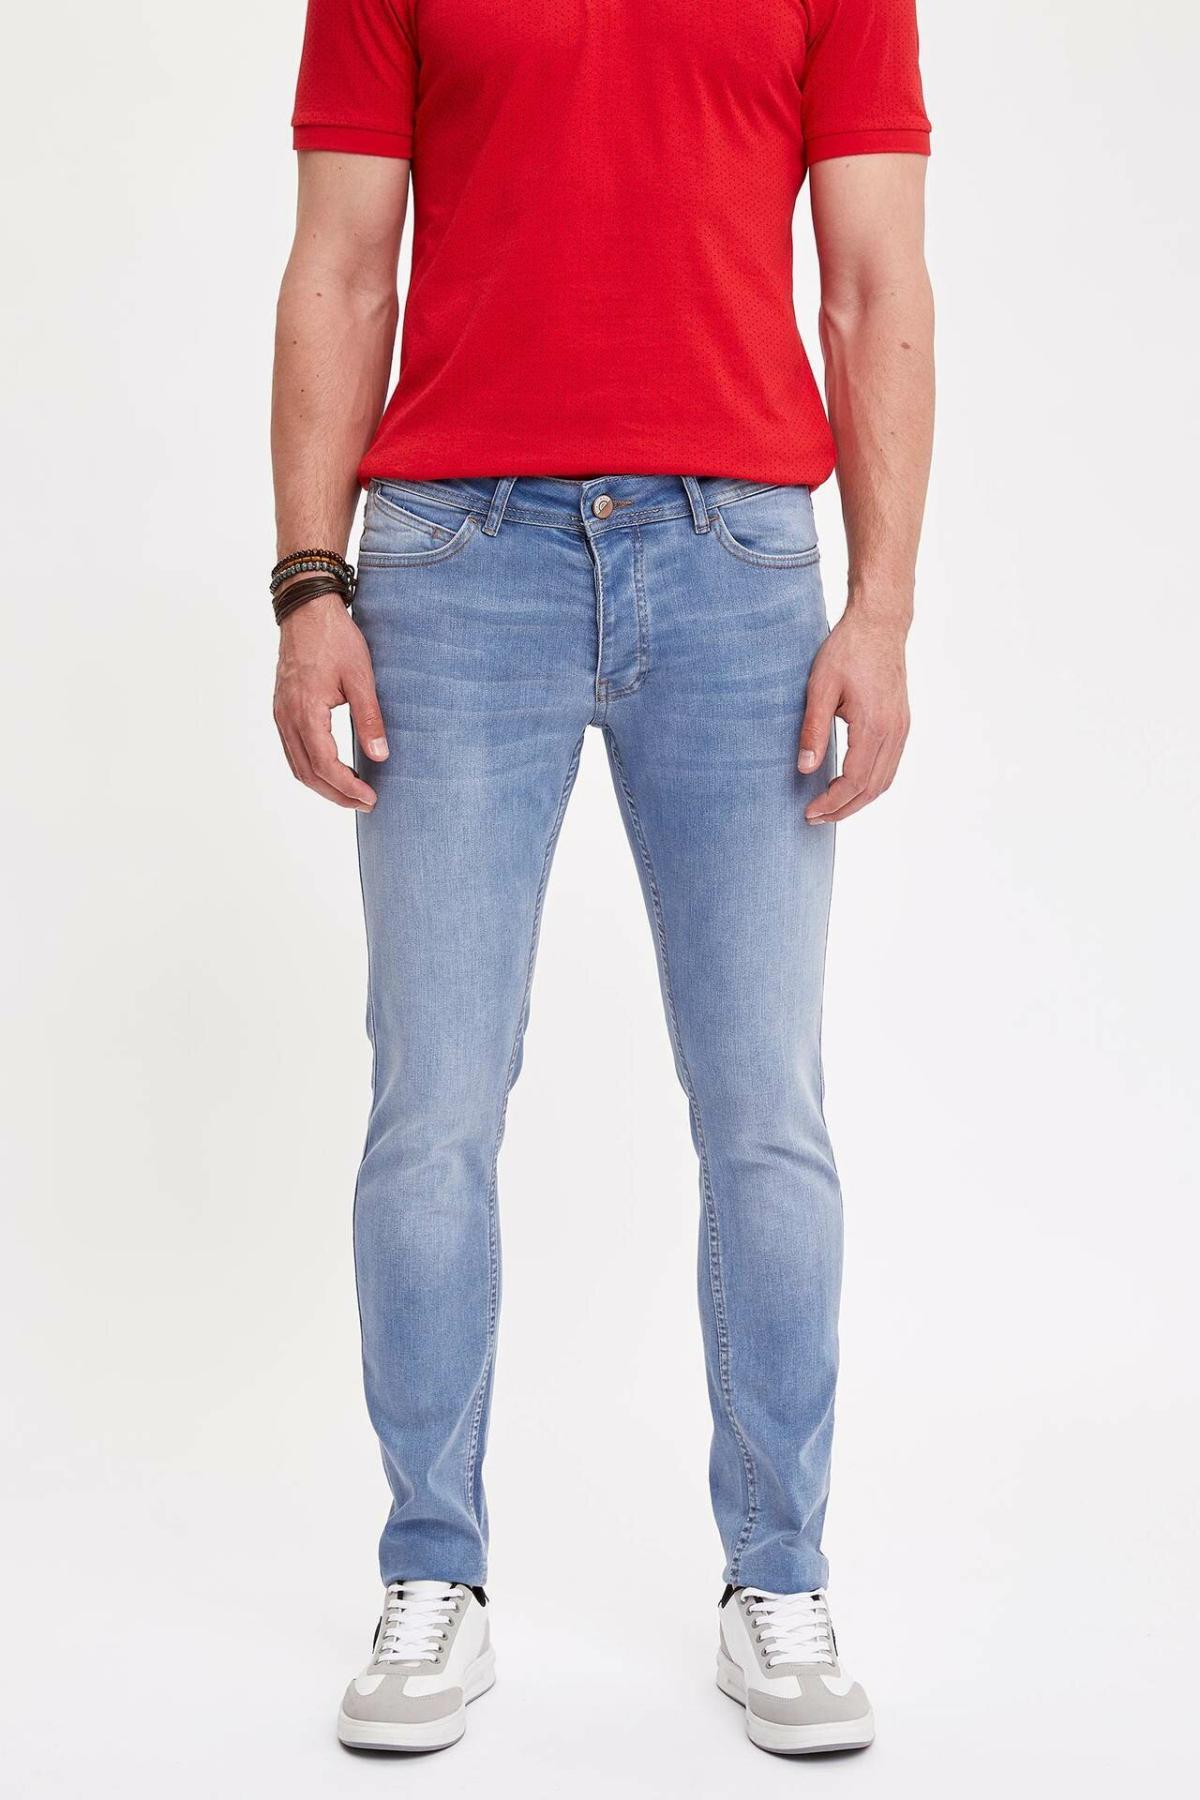 DeFacto Man Trousers-K8692AZ19SM